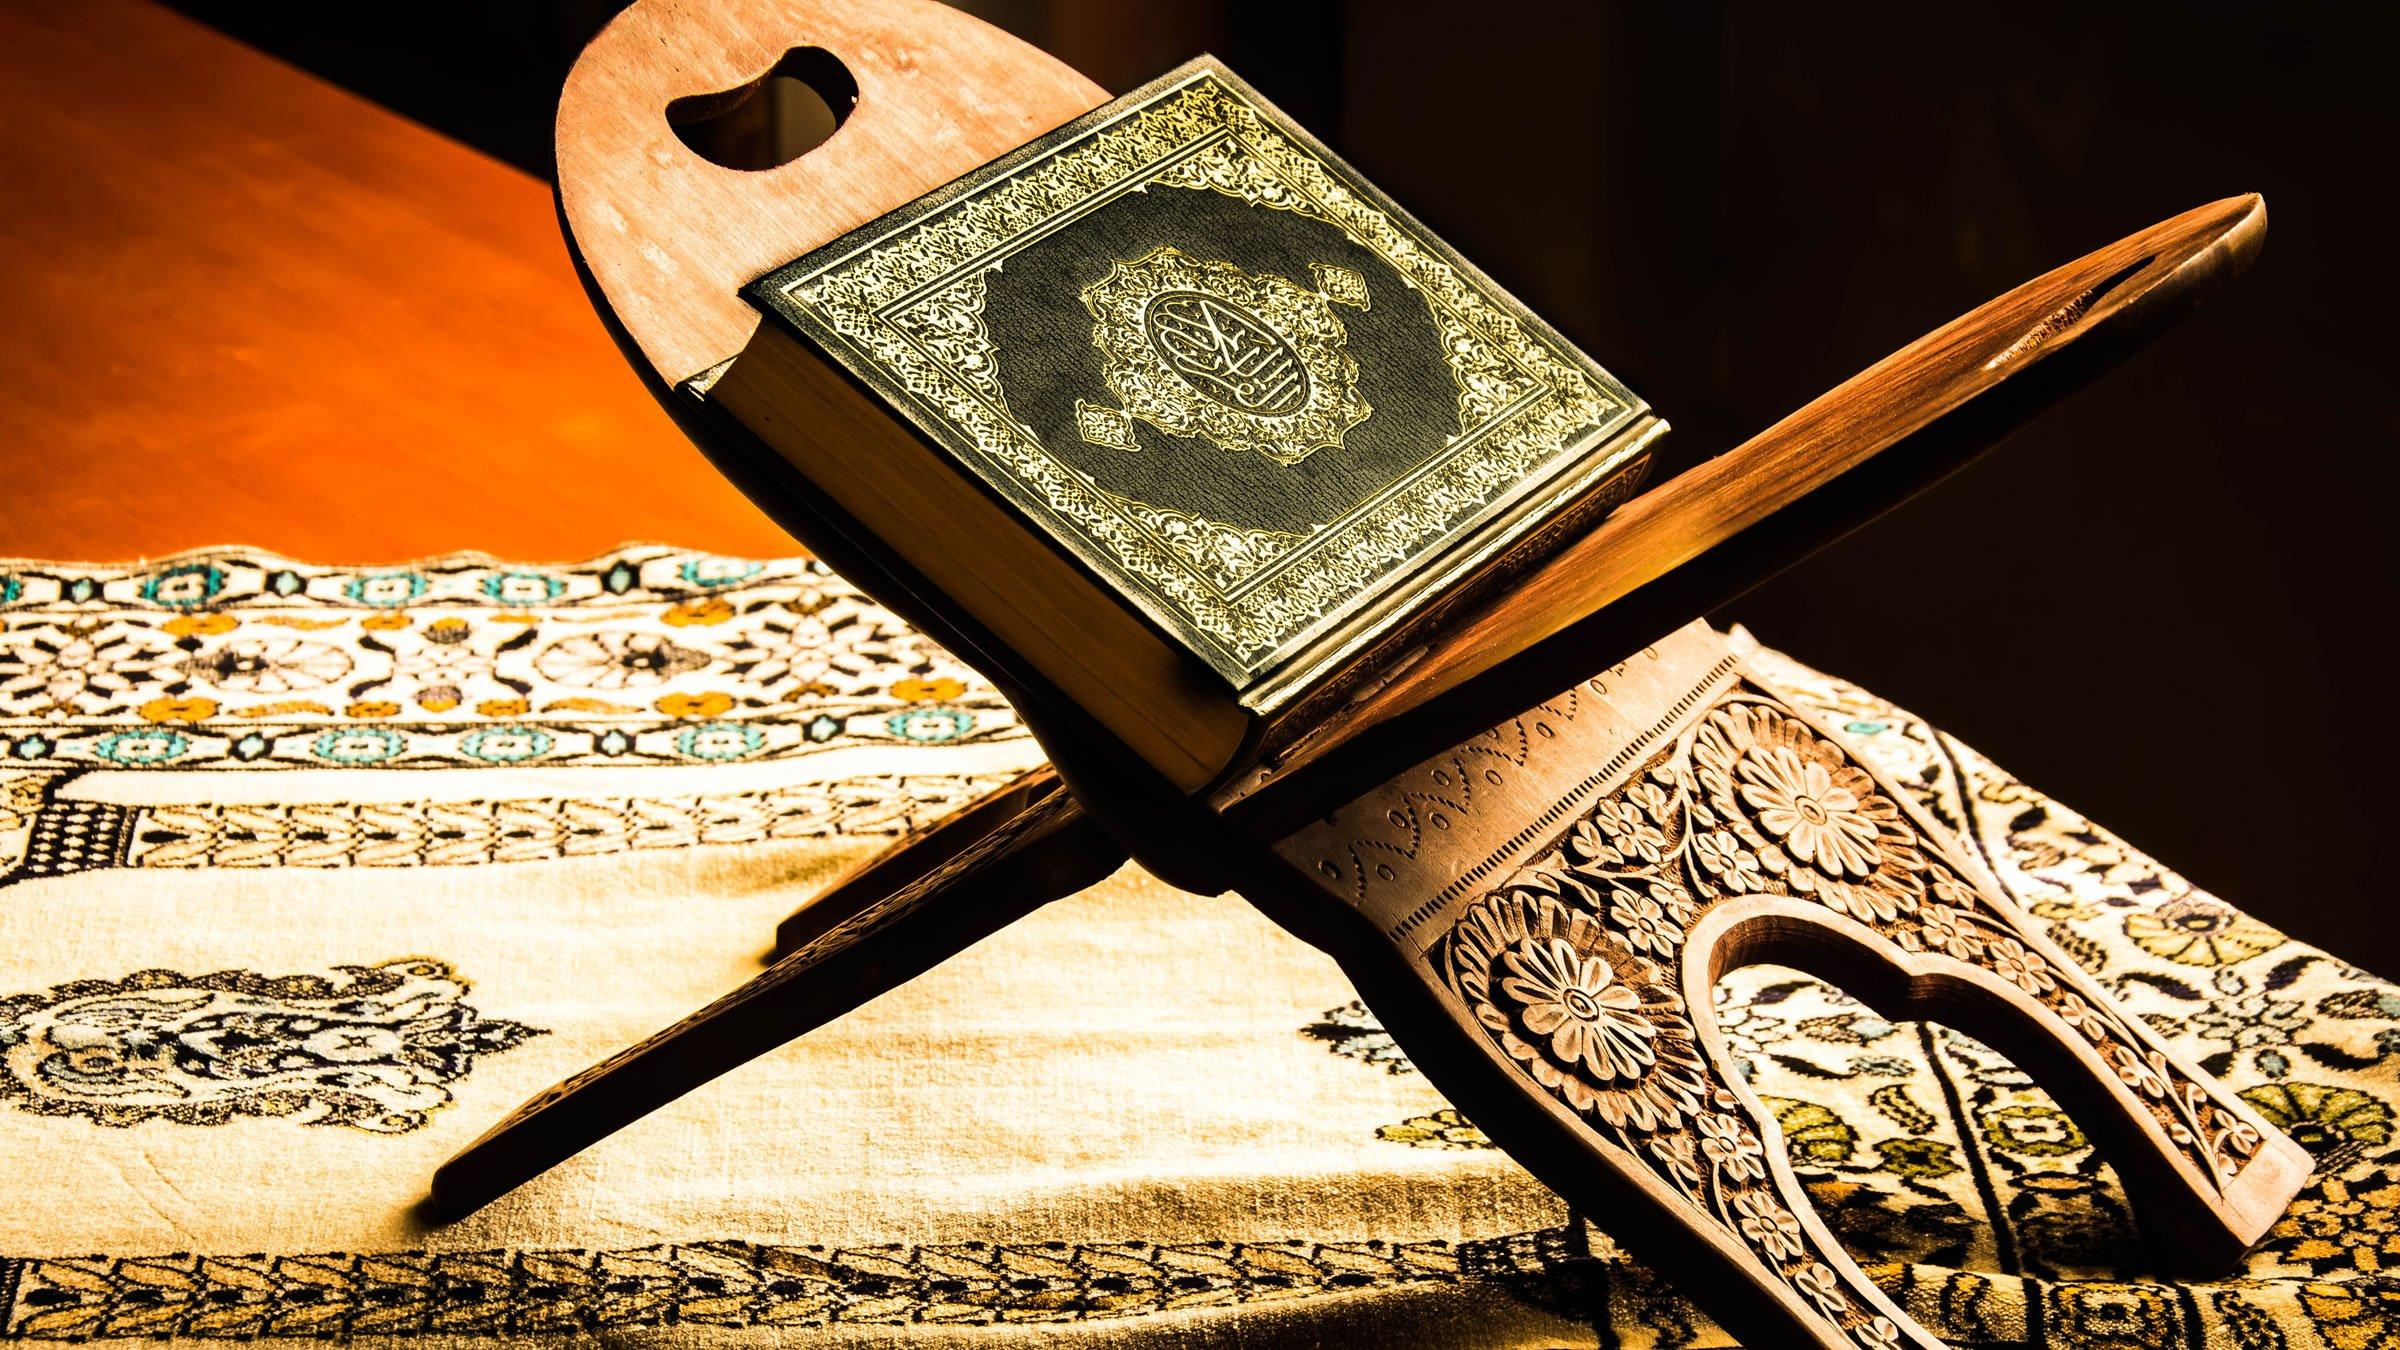 El cor n o libro sagrado de los musulmanes - Que es el corian ...